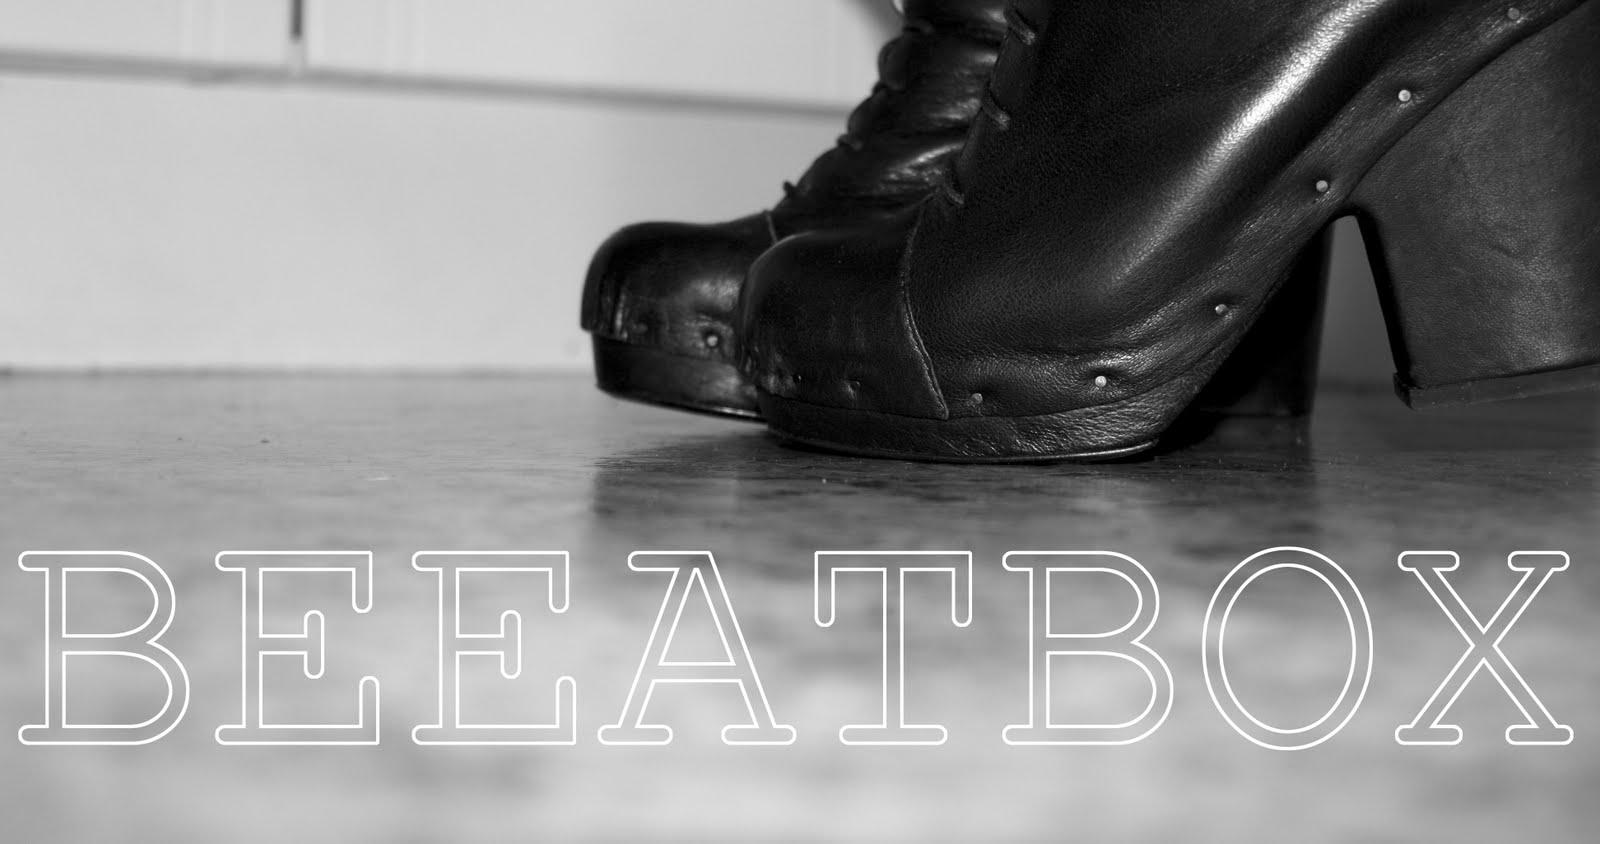 BEEATBOX